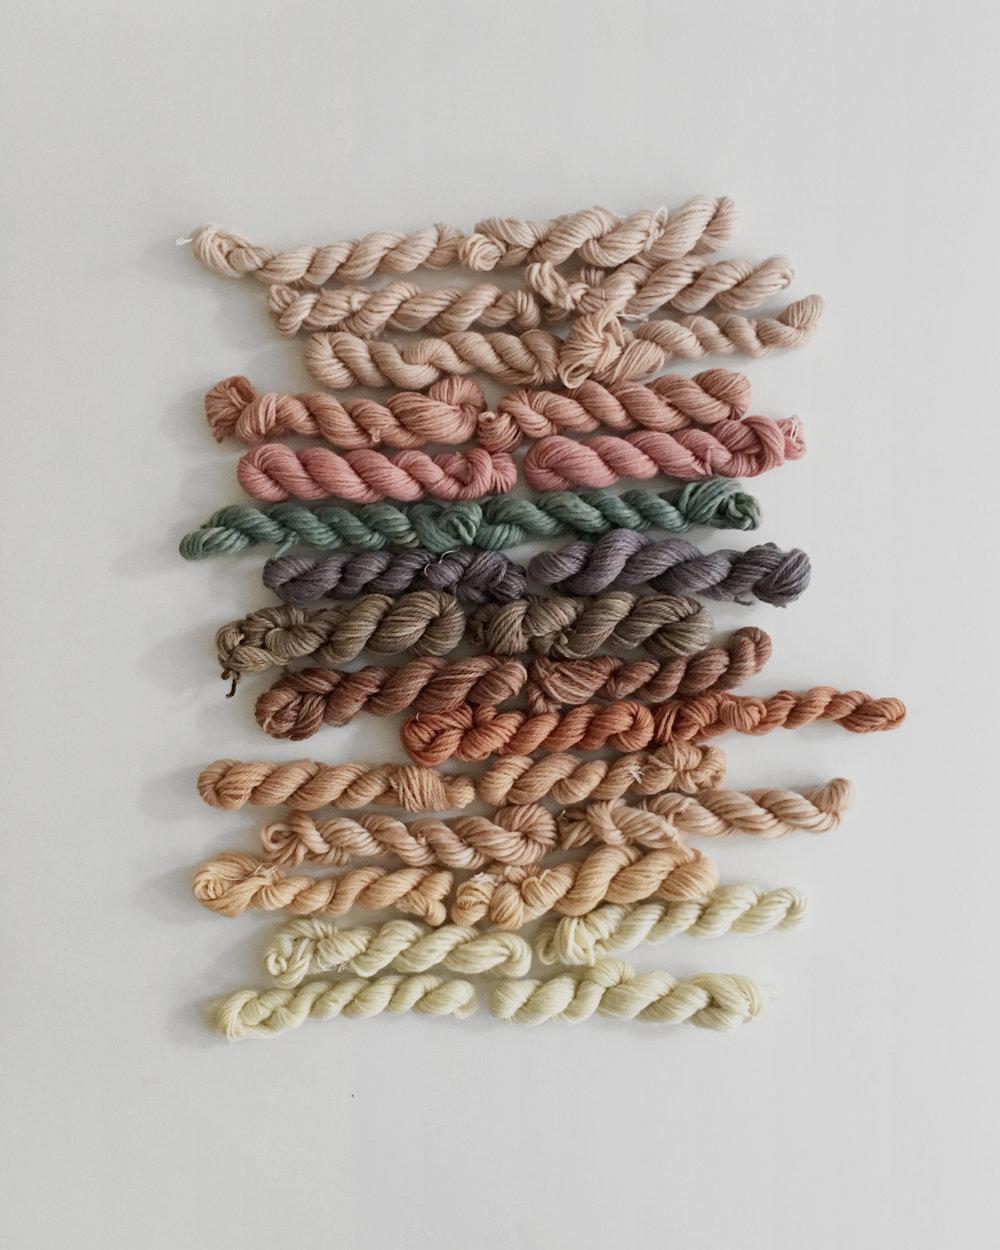 Custom yarn set for weaving workshops